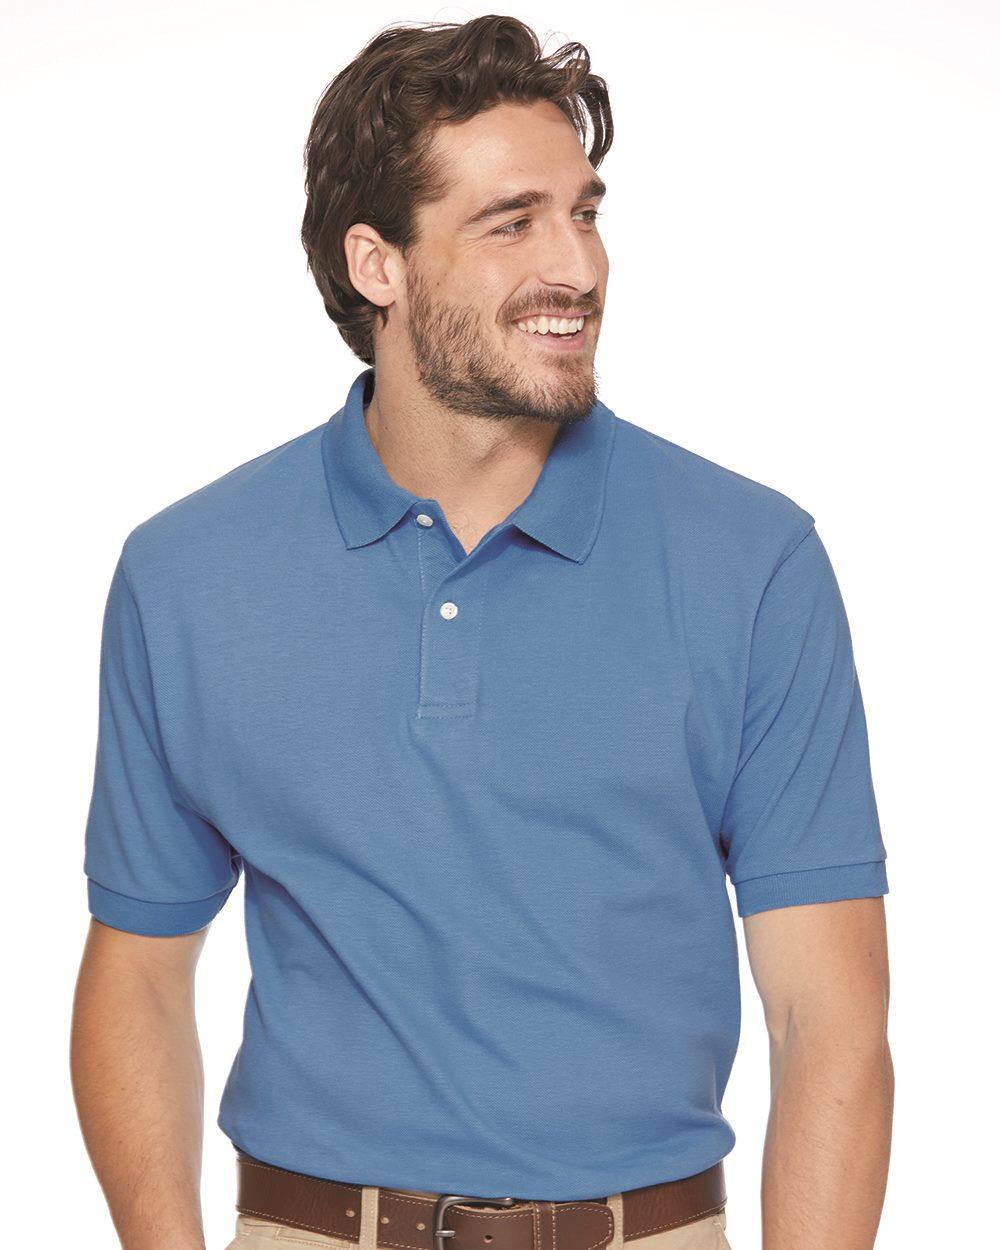 FeatherLite 100% Cotton Pique Sport Shirt - 2100